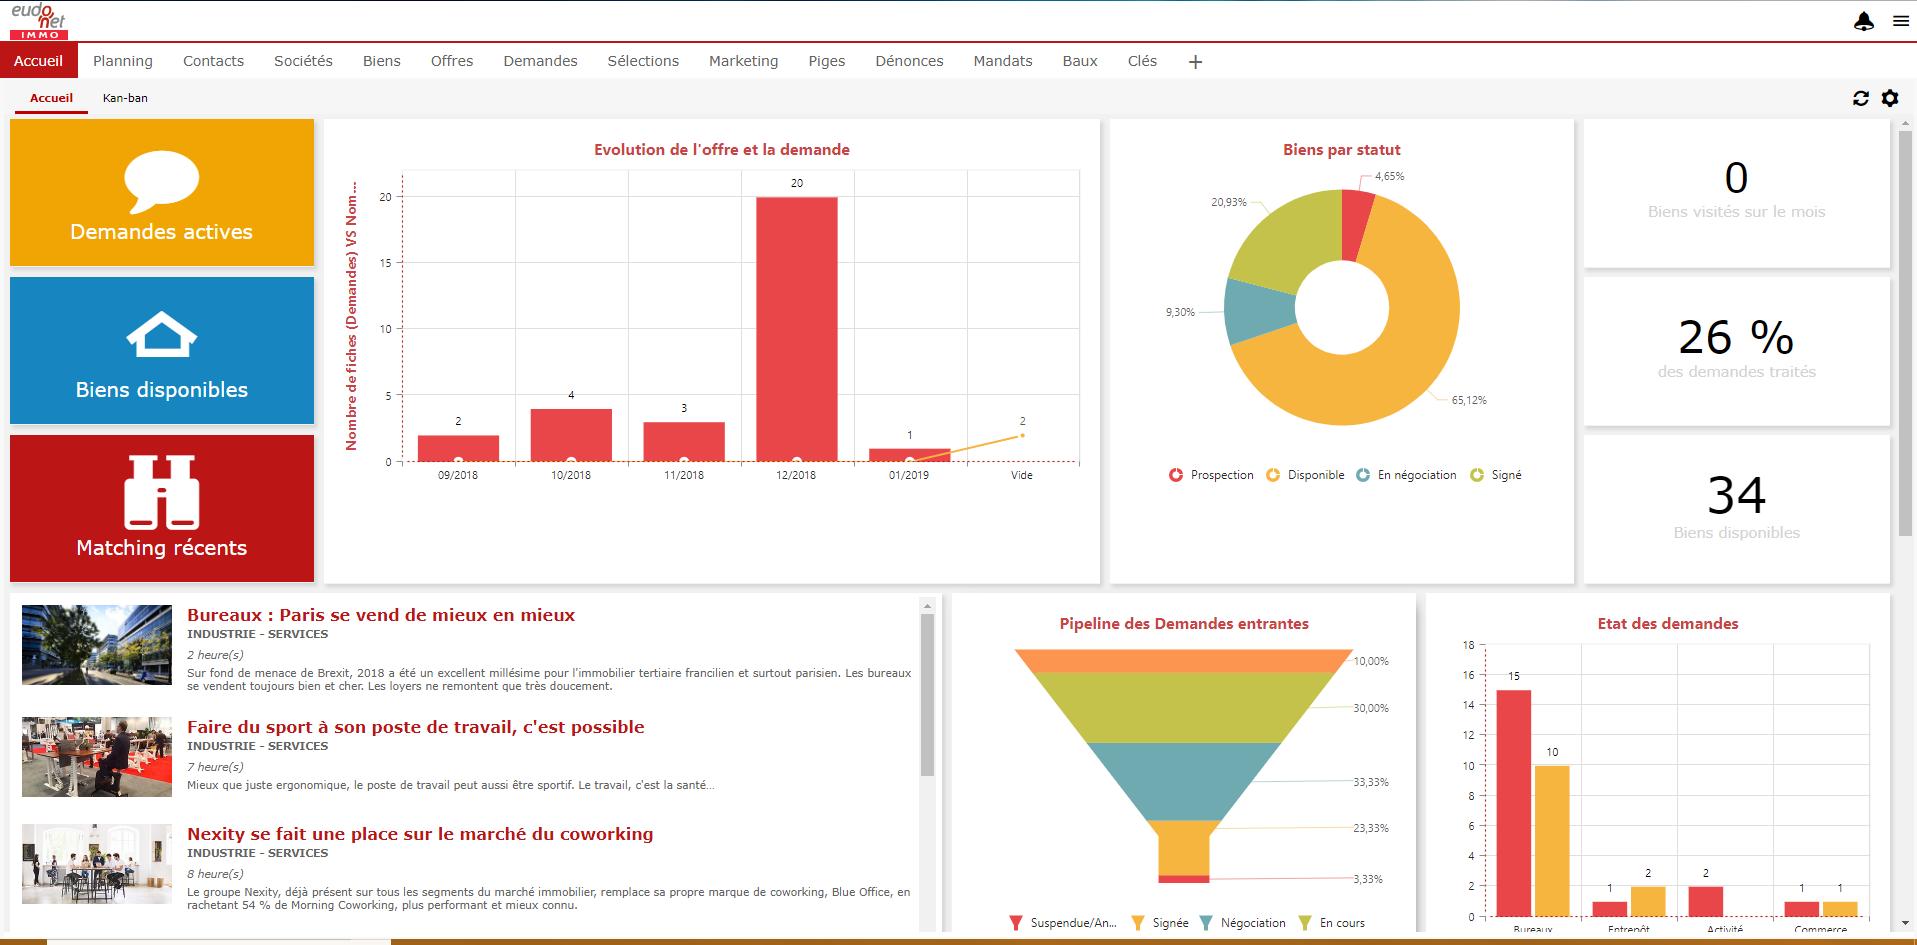 Personnalisez votre page d'accueil en réunissant toutes les informations clés sur une seule et même page